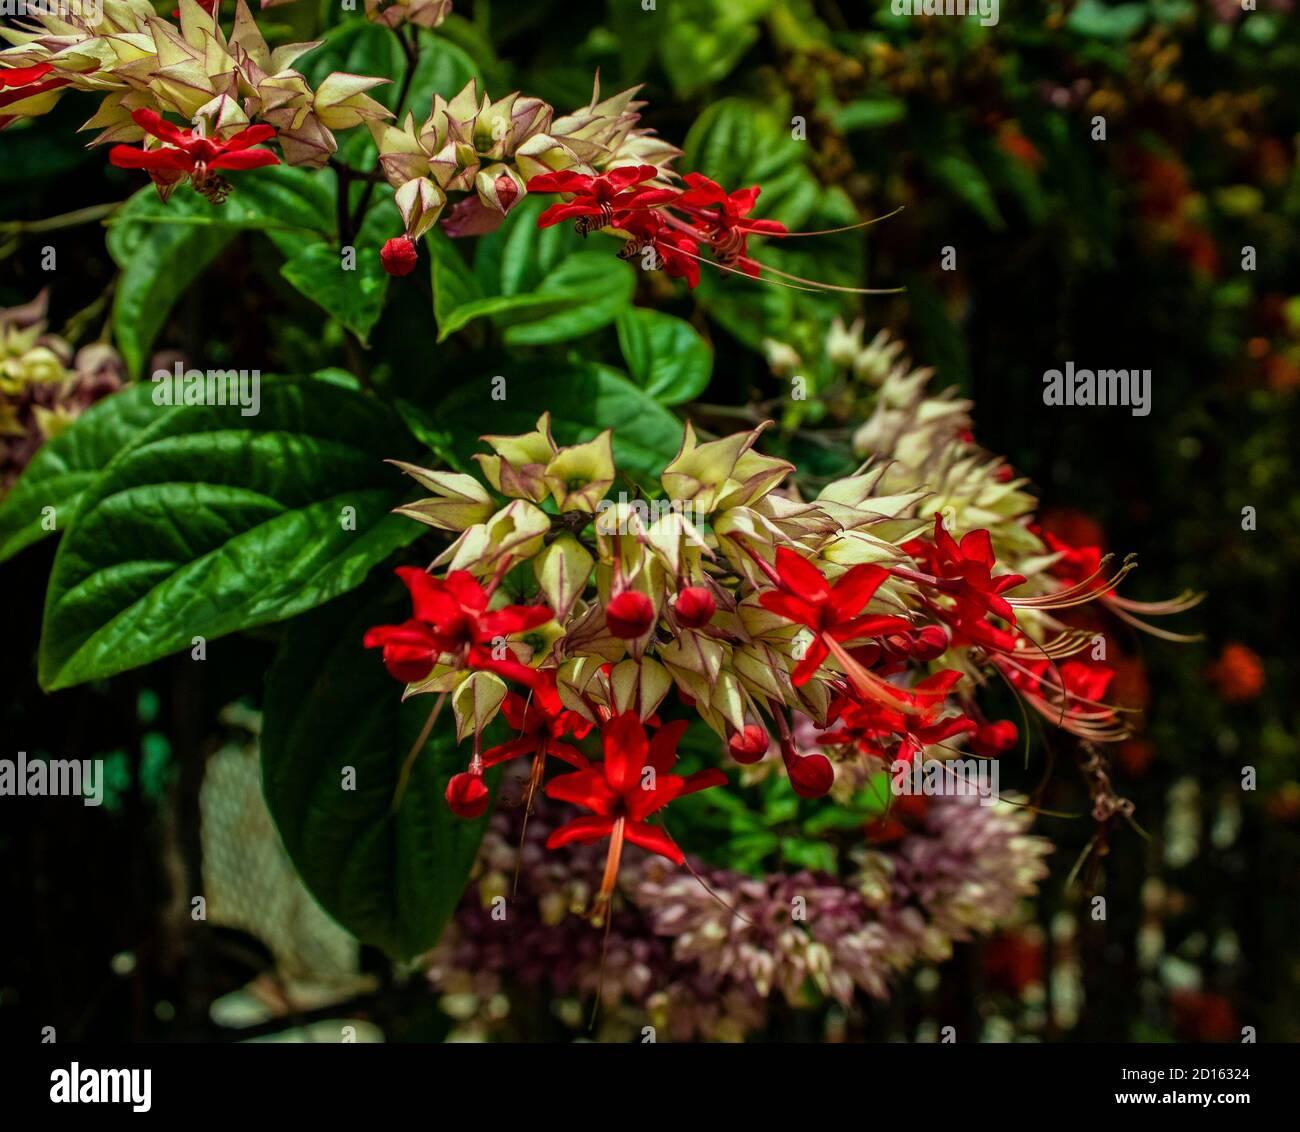 Milkweed - Asclepias Currassavica flores rojas con tonos púrpura lilas rosas y blancas tropicales, silvestres y silvestres exóticas, pequeñas flores agrupadas Foto de stock